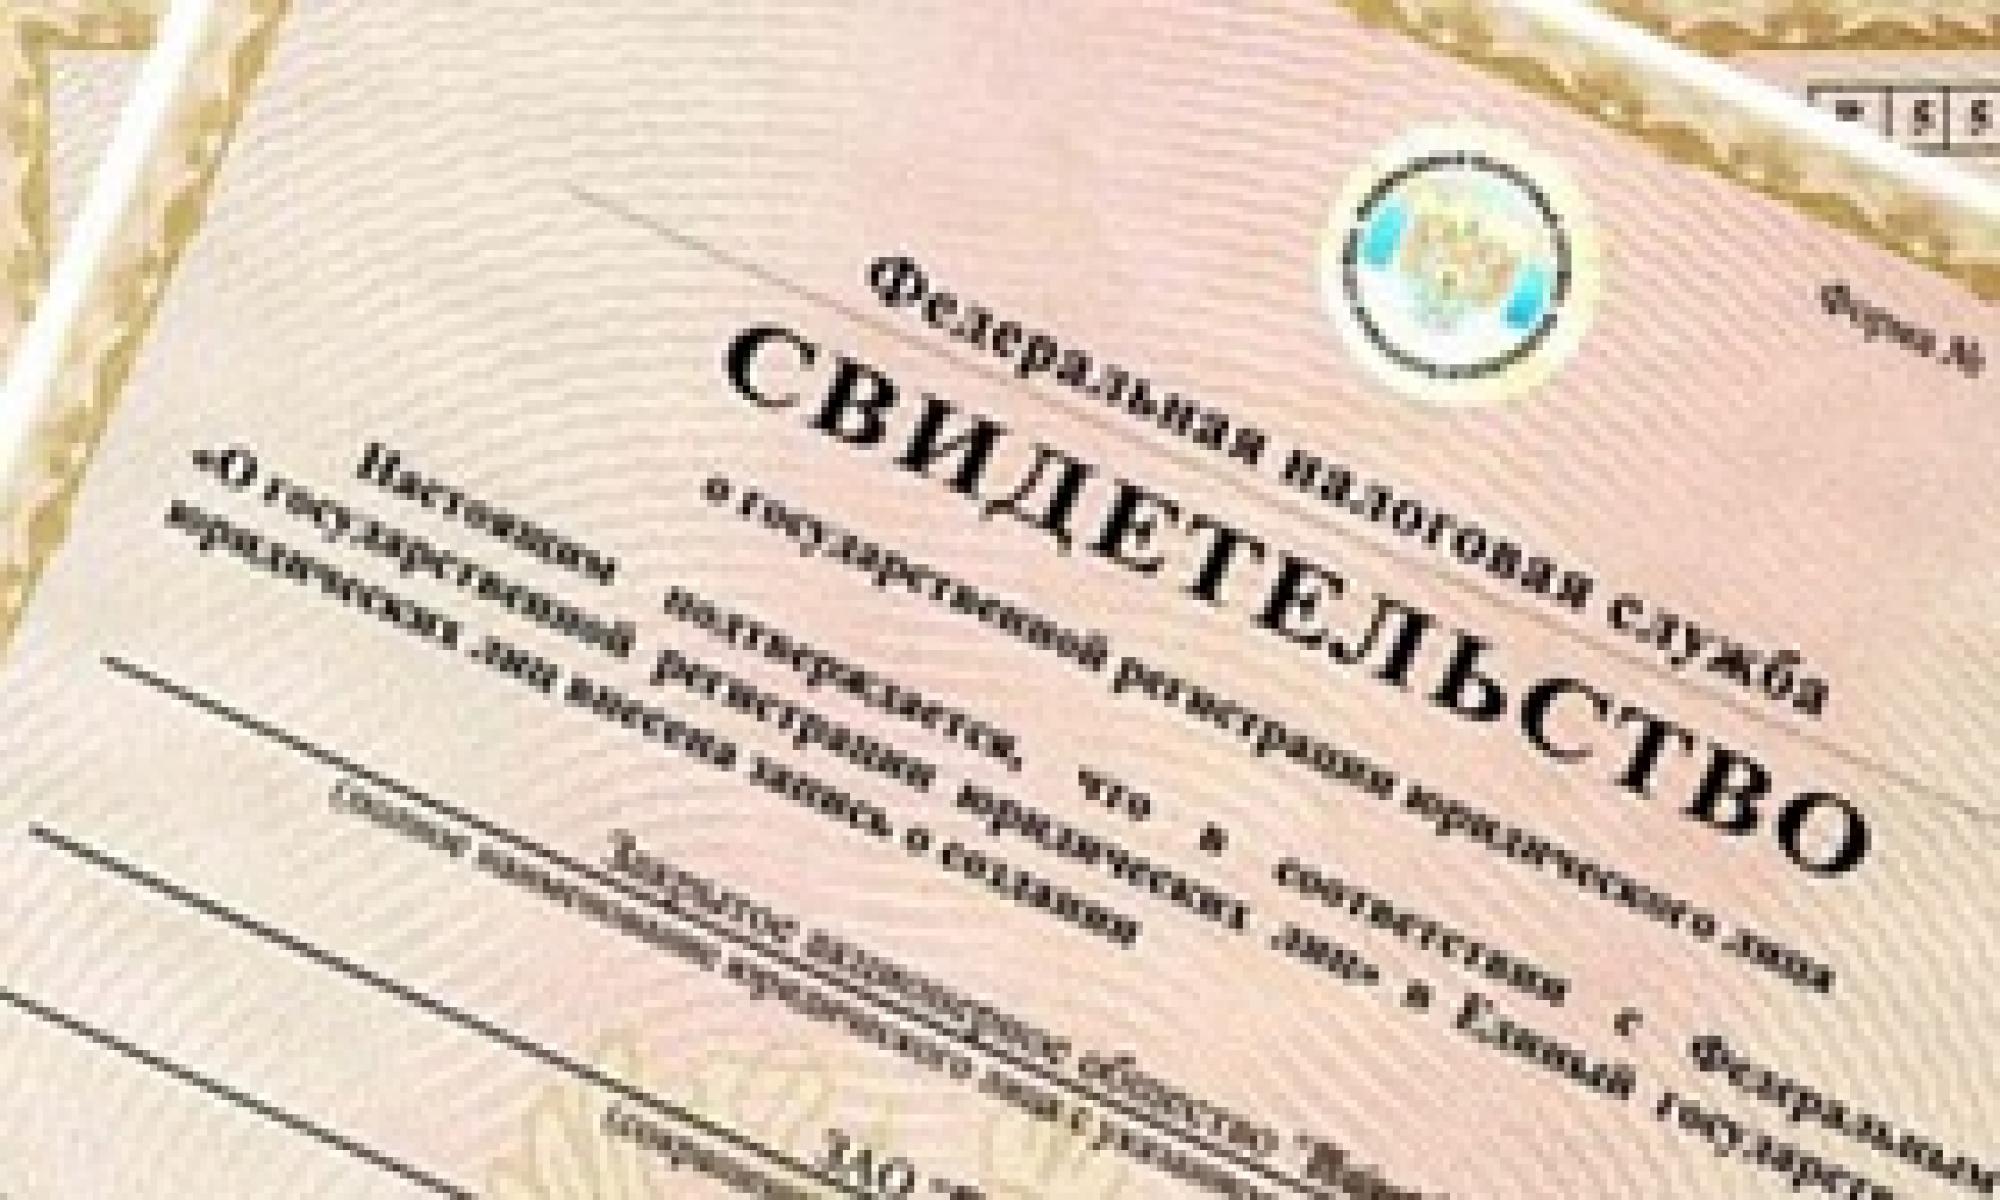 Документы для регистрации ип киров необходимые документы для подачи декларации 3 ндфл